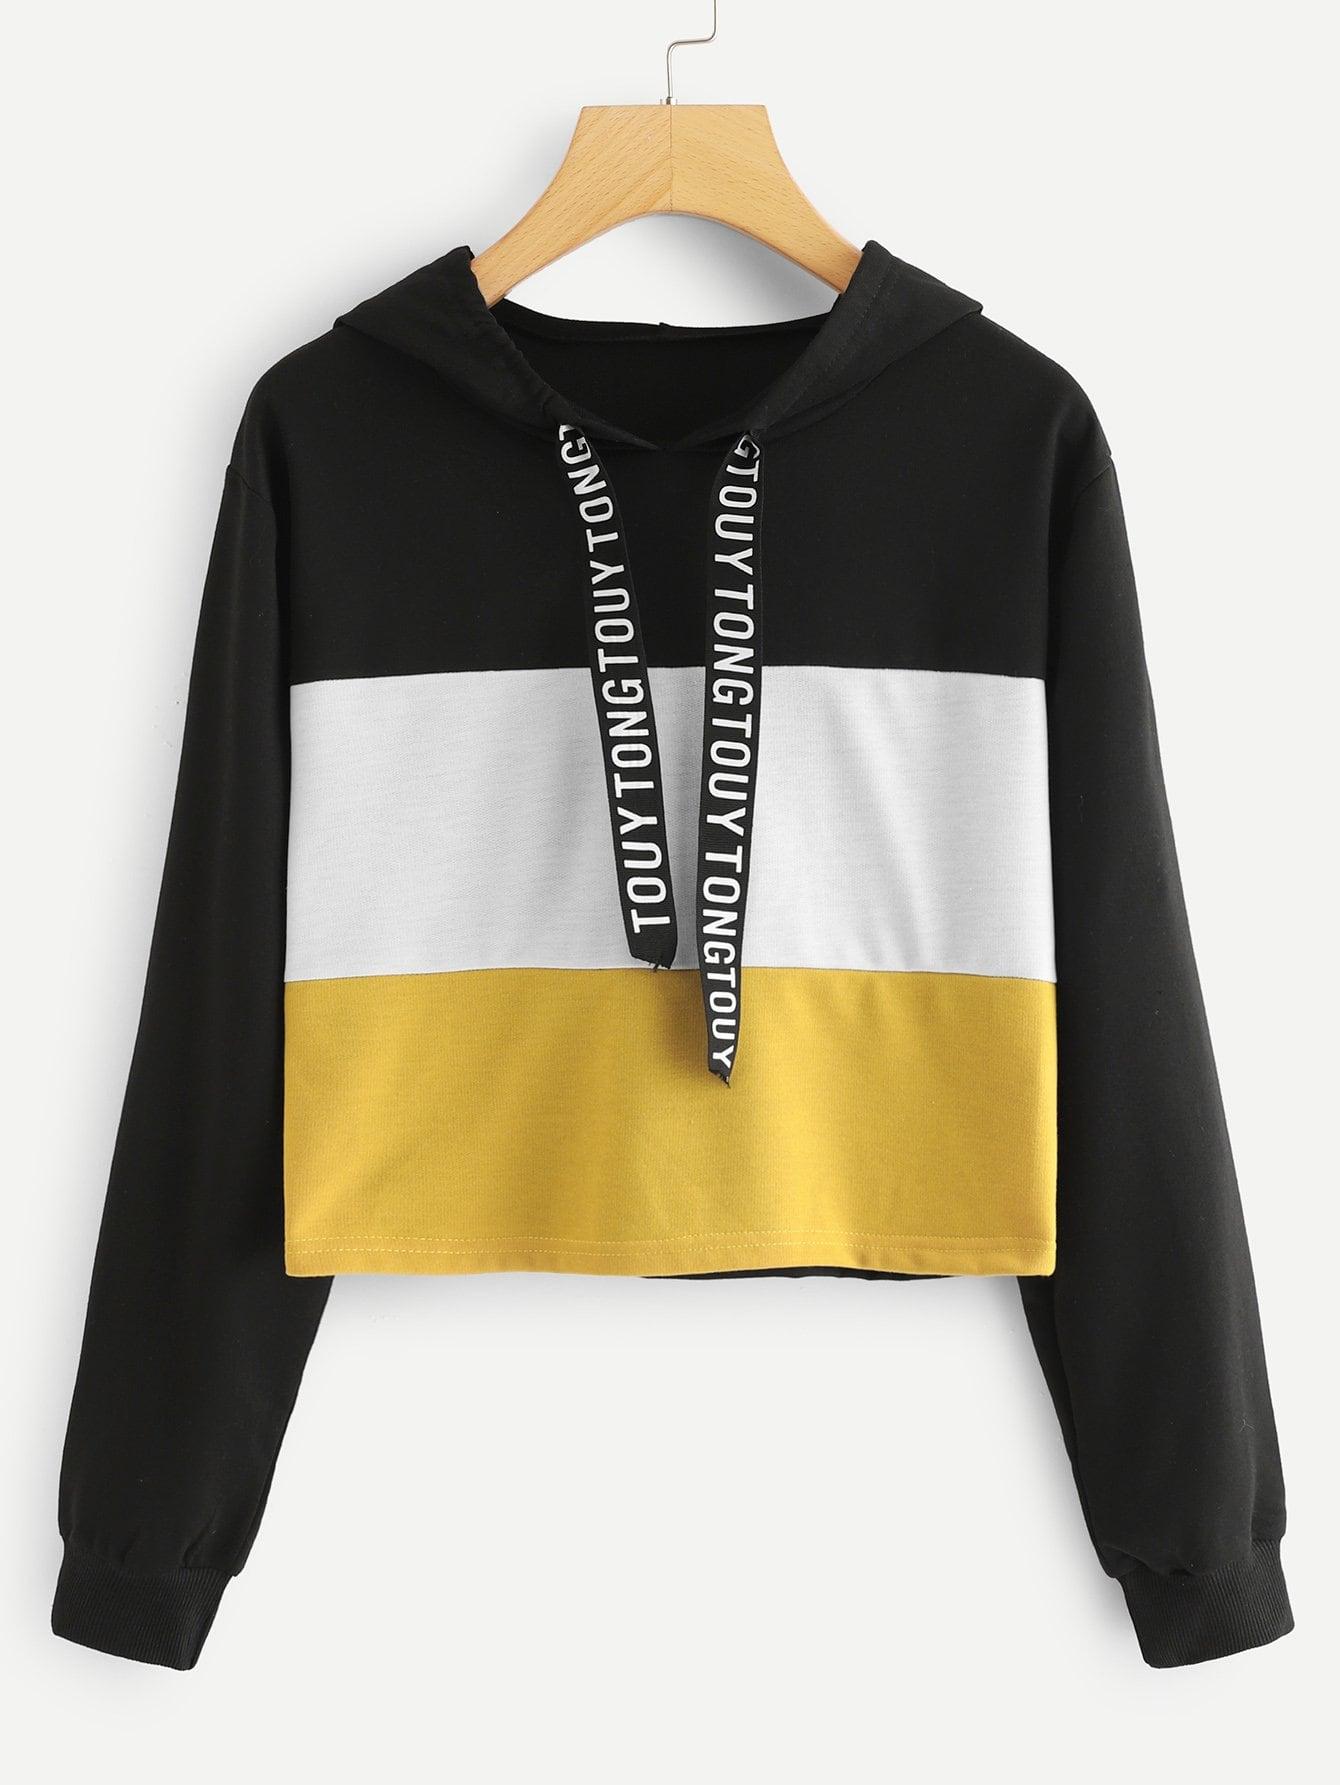 Купить Повседневный Текст Контрастный цвет Пуловеры Черный Свитшоты, null, SheIn